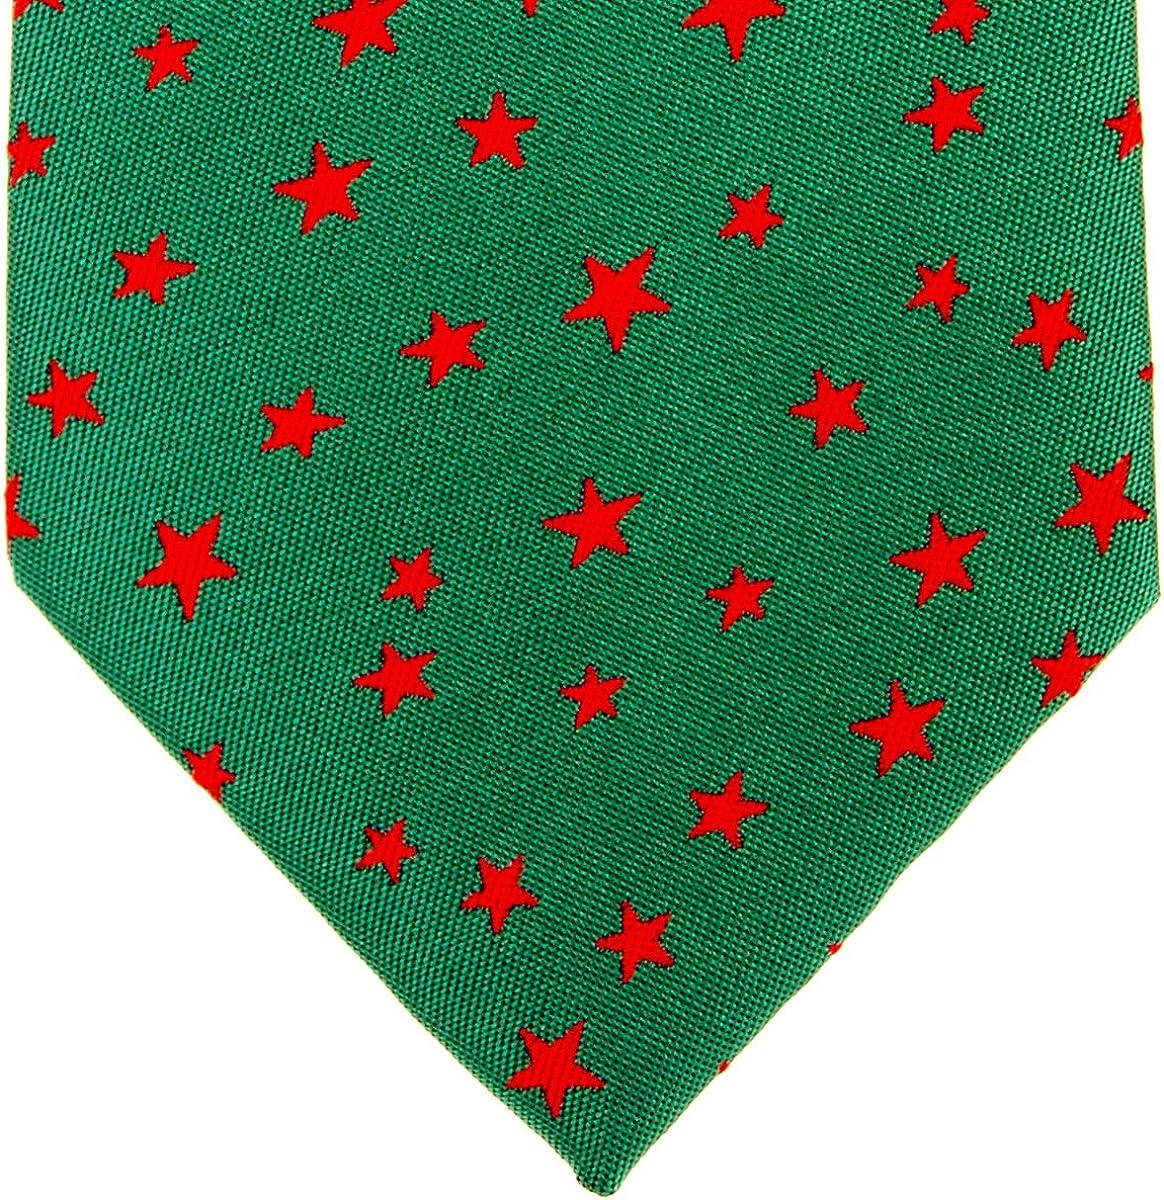 corbata para hombre dise/ño de estrellas tejido de microfibra,/varios colores Retreez